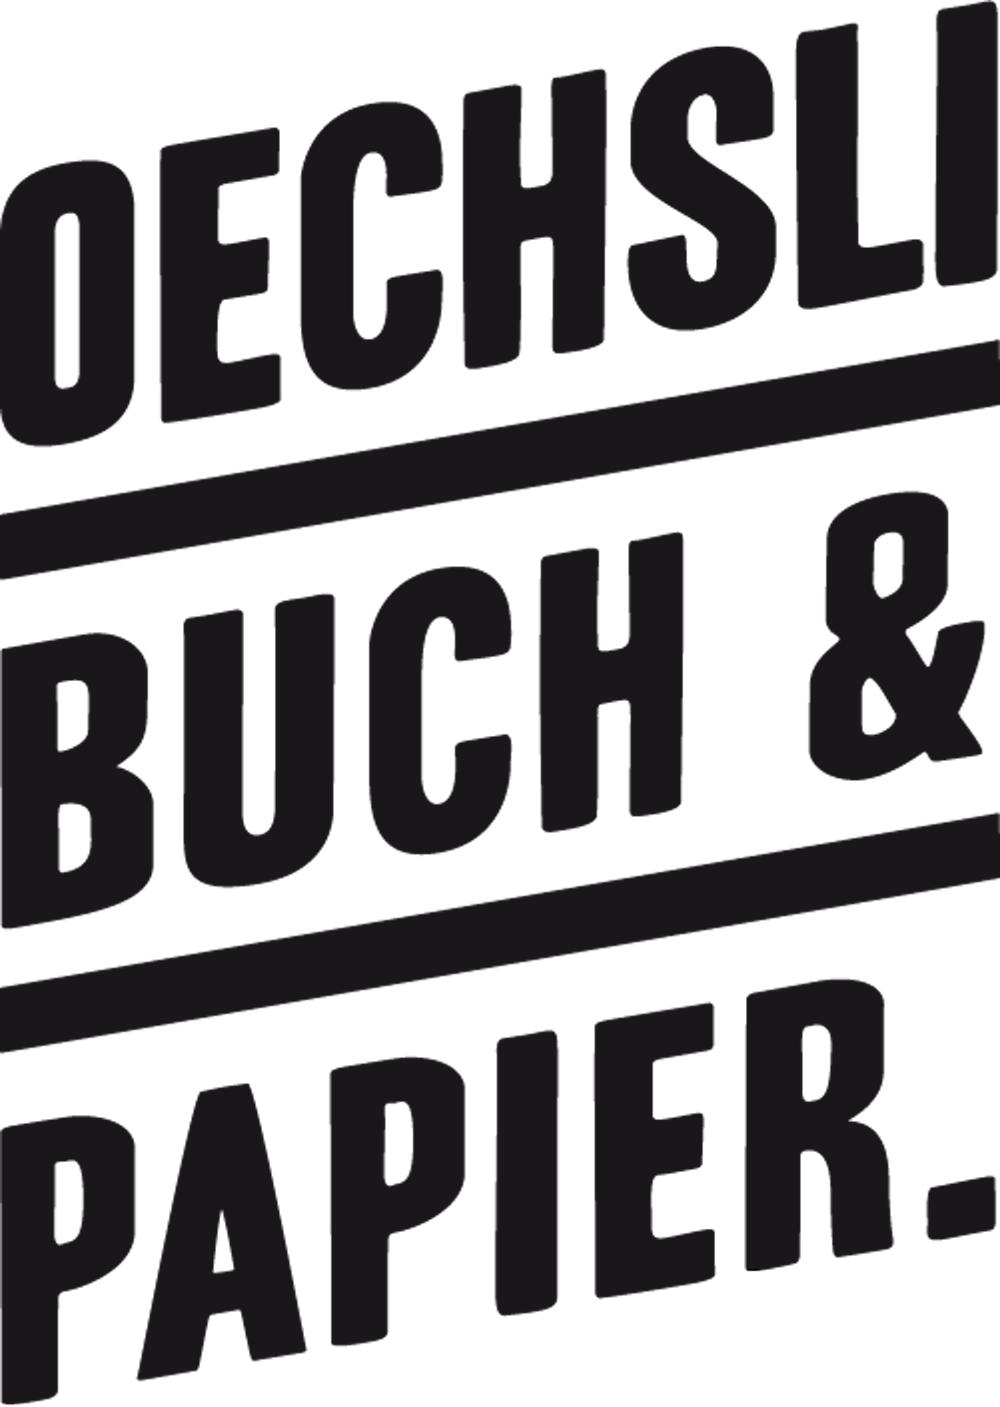 Buchhandlung - OECHSLI BUCH&PAPIER.